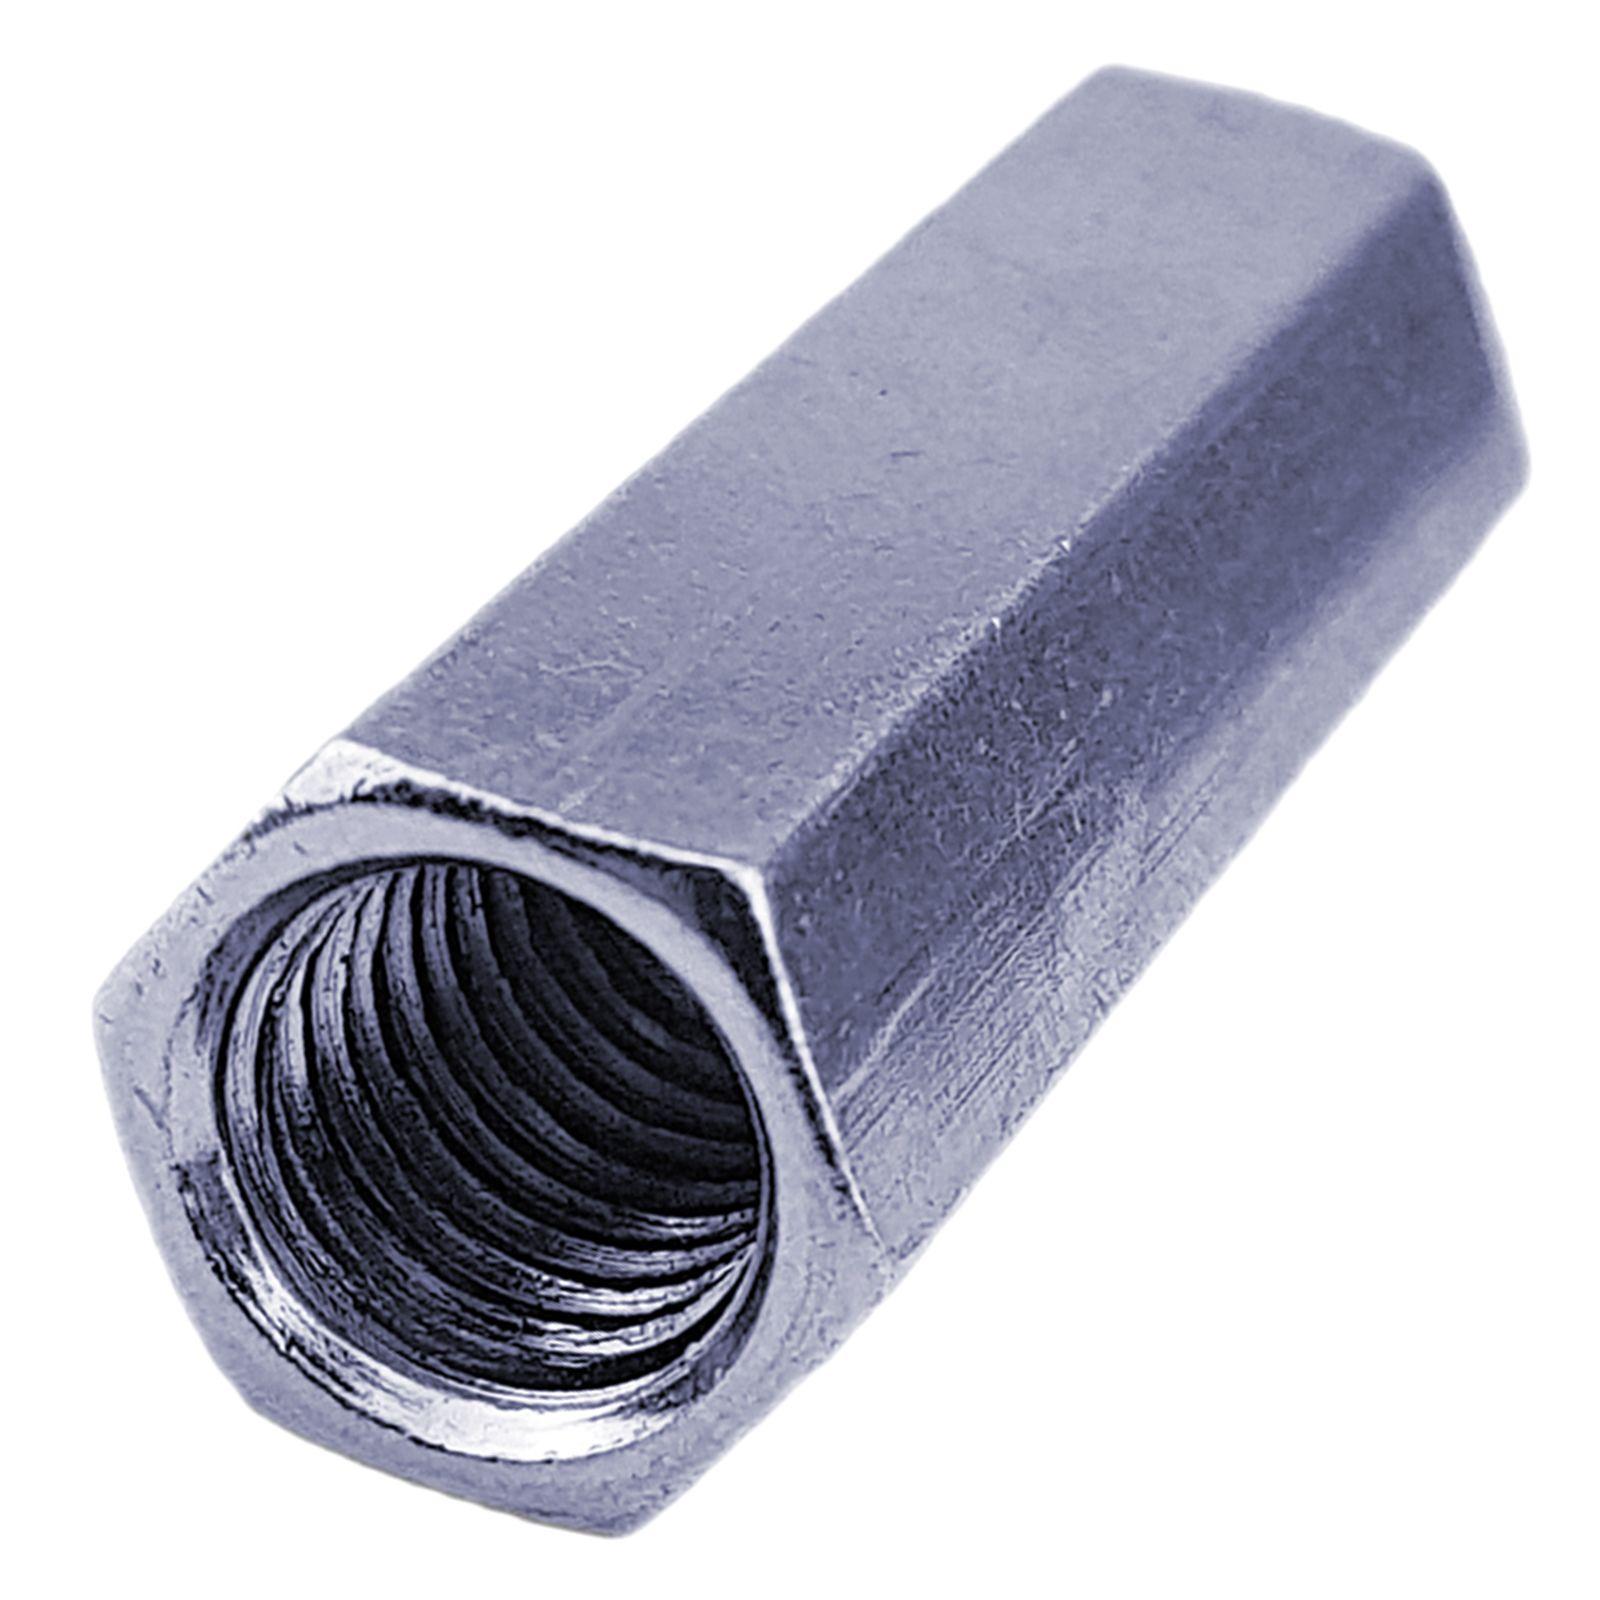 SW30 4 St/ück verzinkt M20 x 50 4X M20x50 Verbindungsmuttern Langmuttern Sechskant galv